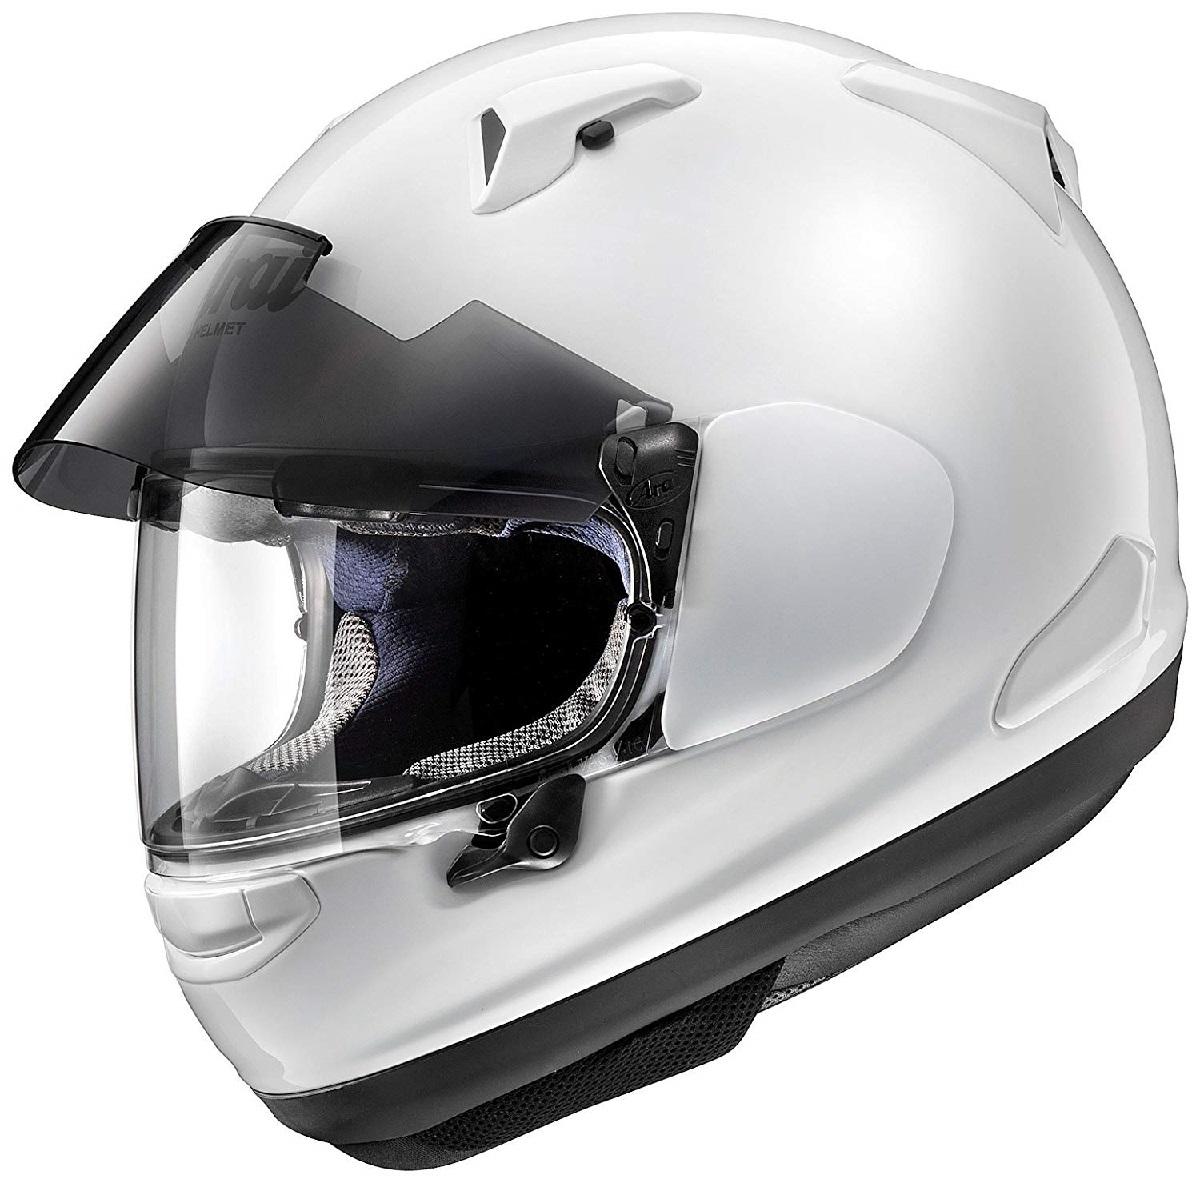 アライ (ARAI) フルフェイス ヘルメット アストラル-X (ASTRAL-X) グラスホワイト 57-58cm